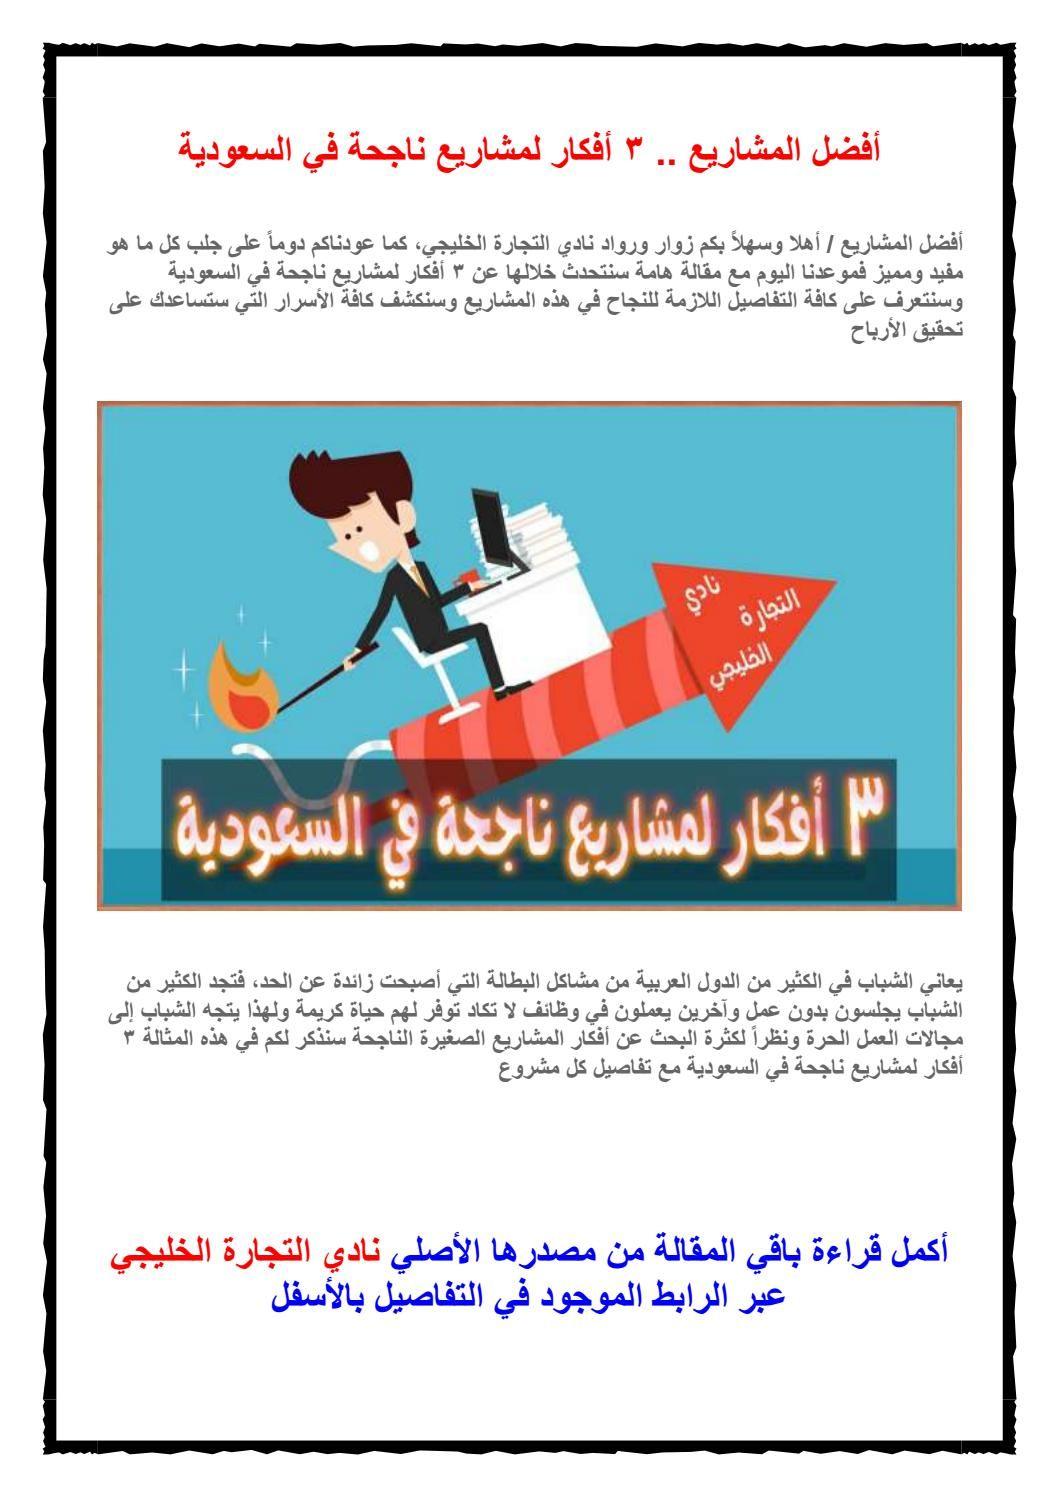 أفضل المشاريع 3 أفكار لمشاريع ناجحة في السعودية Microsoft Word Document Words Movie Posters